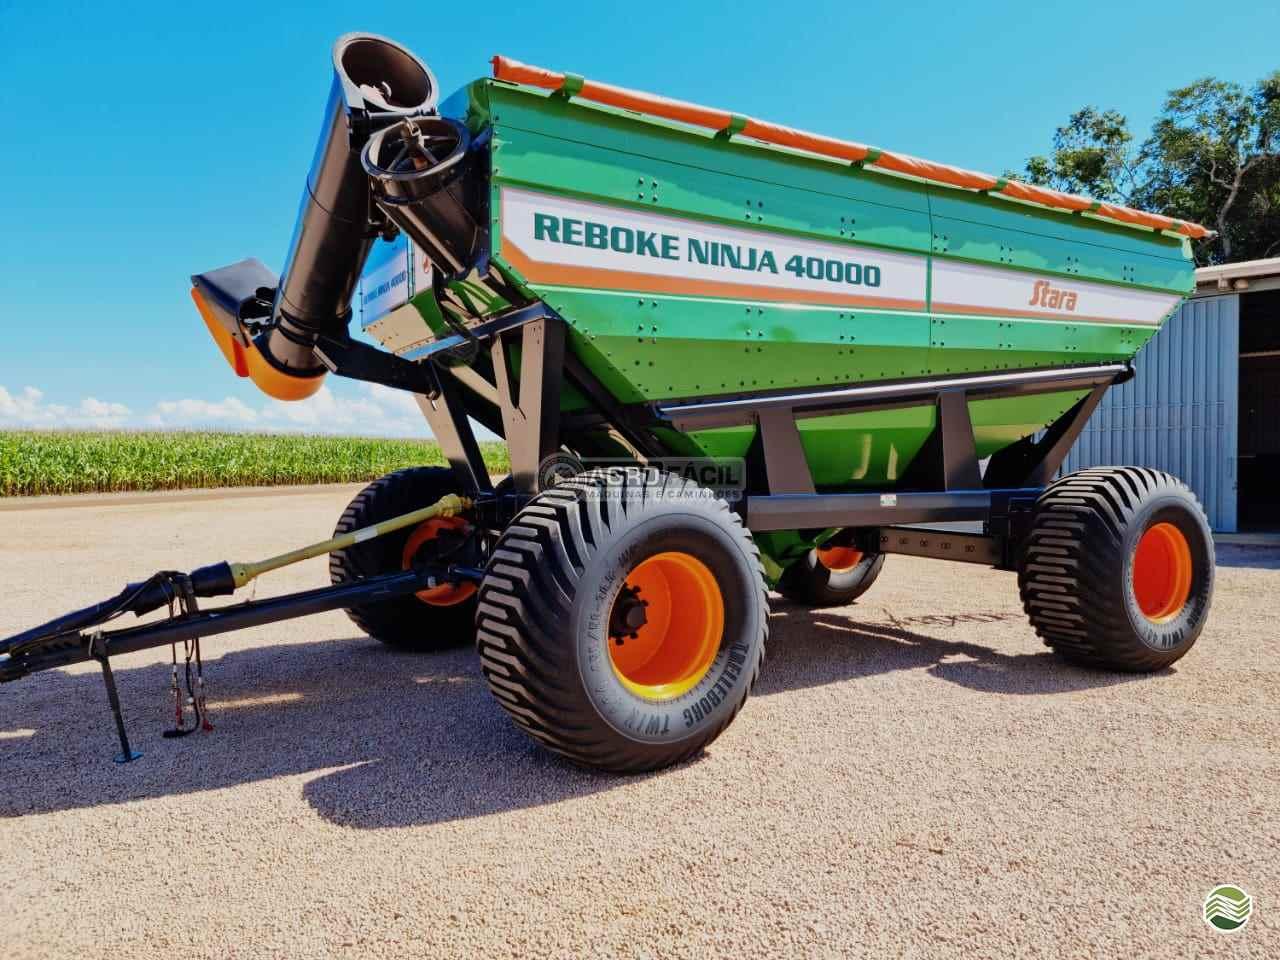 IMPLEMENTOS AGRICOLAS CARRETA BAZUKA GRANELEIRA 40000 Agro Fácil Máquinas PRIMAVERA DO LESTE MATO GROSSO MT